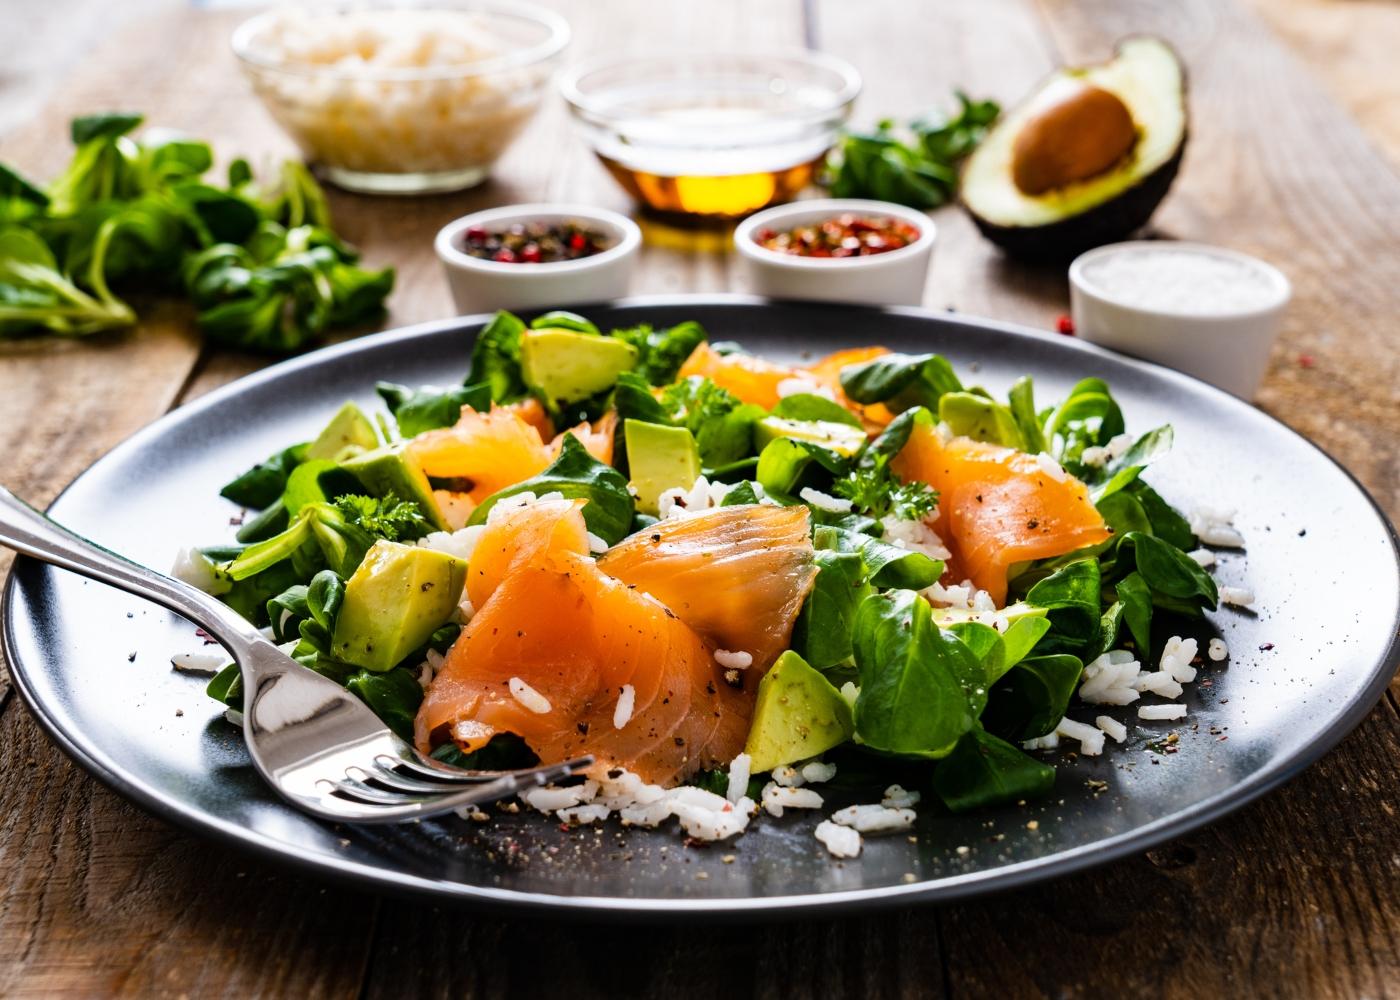 prato escuro com salada de salmão fumado